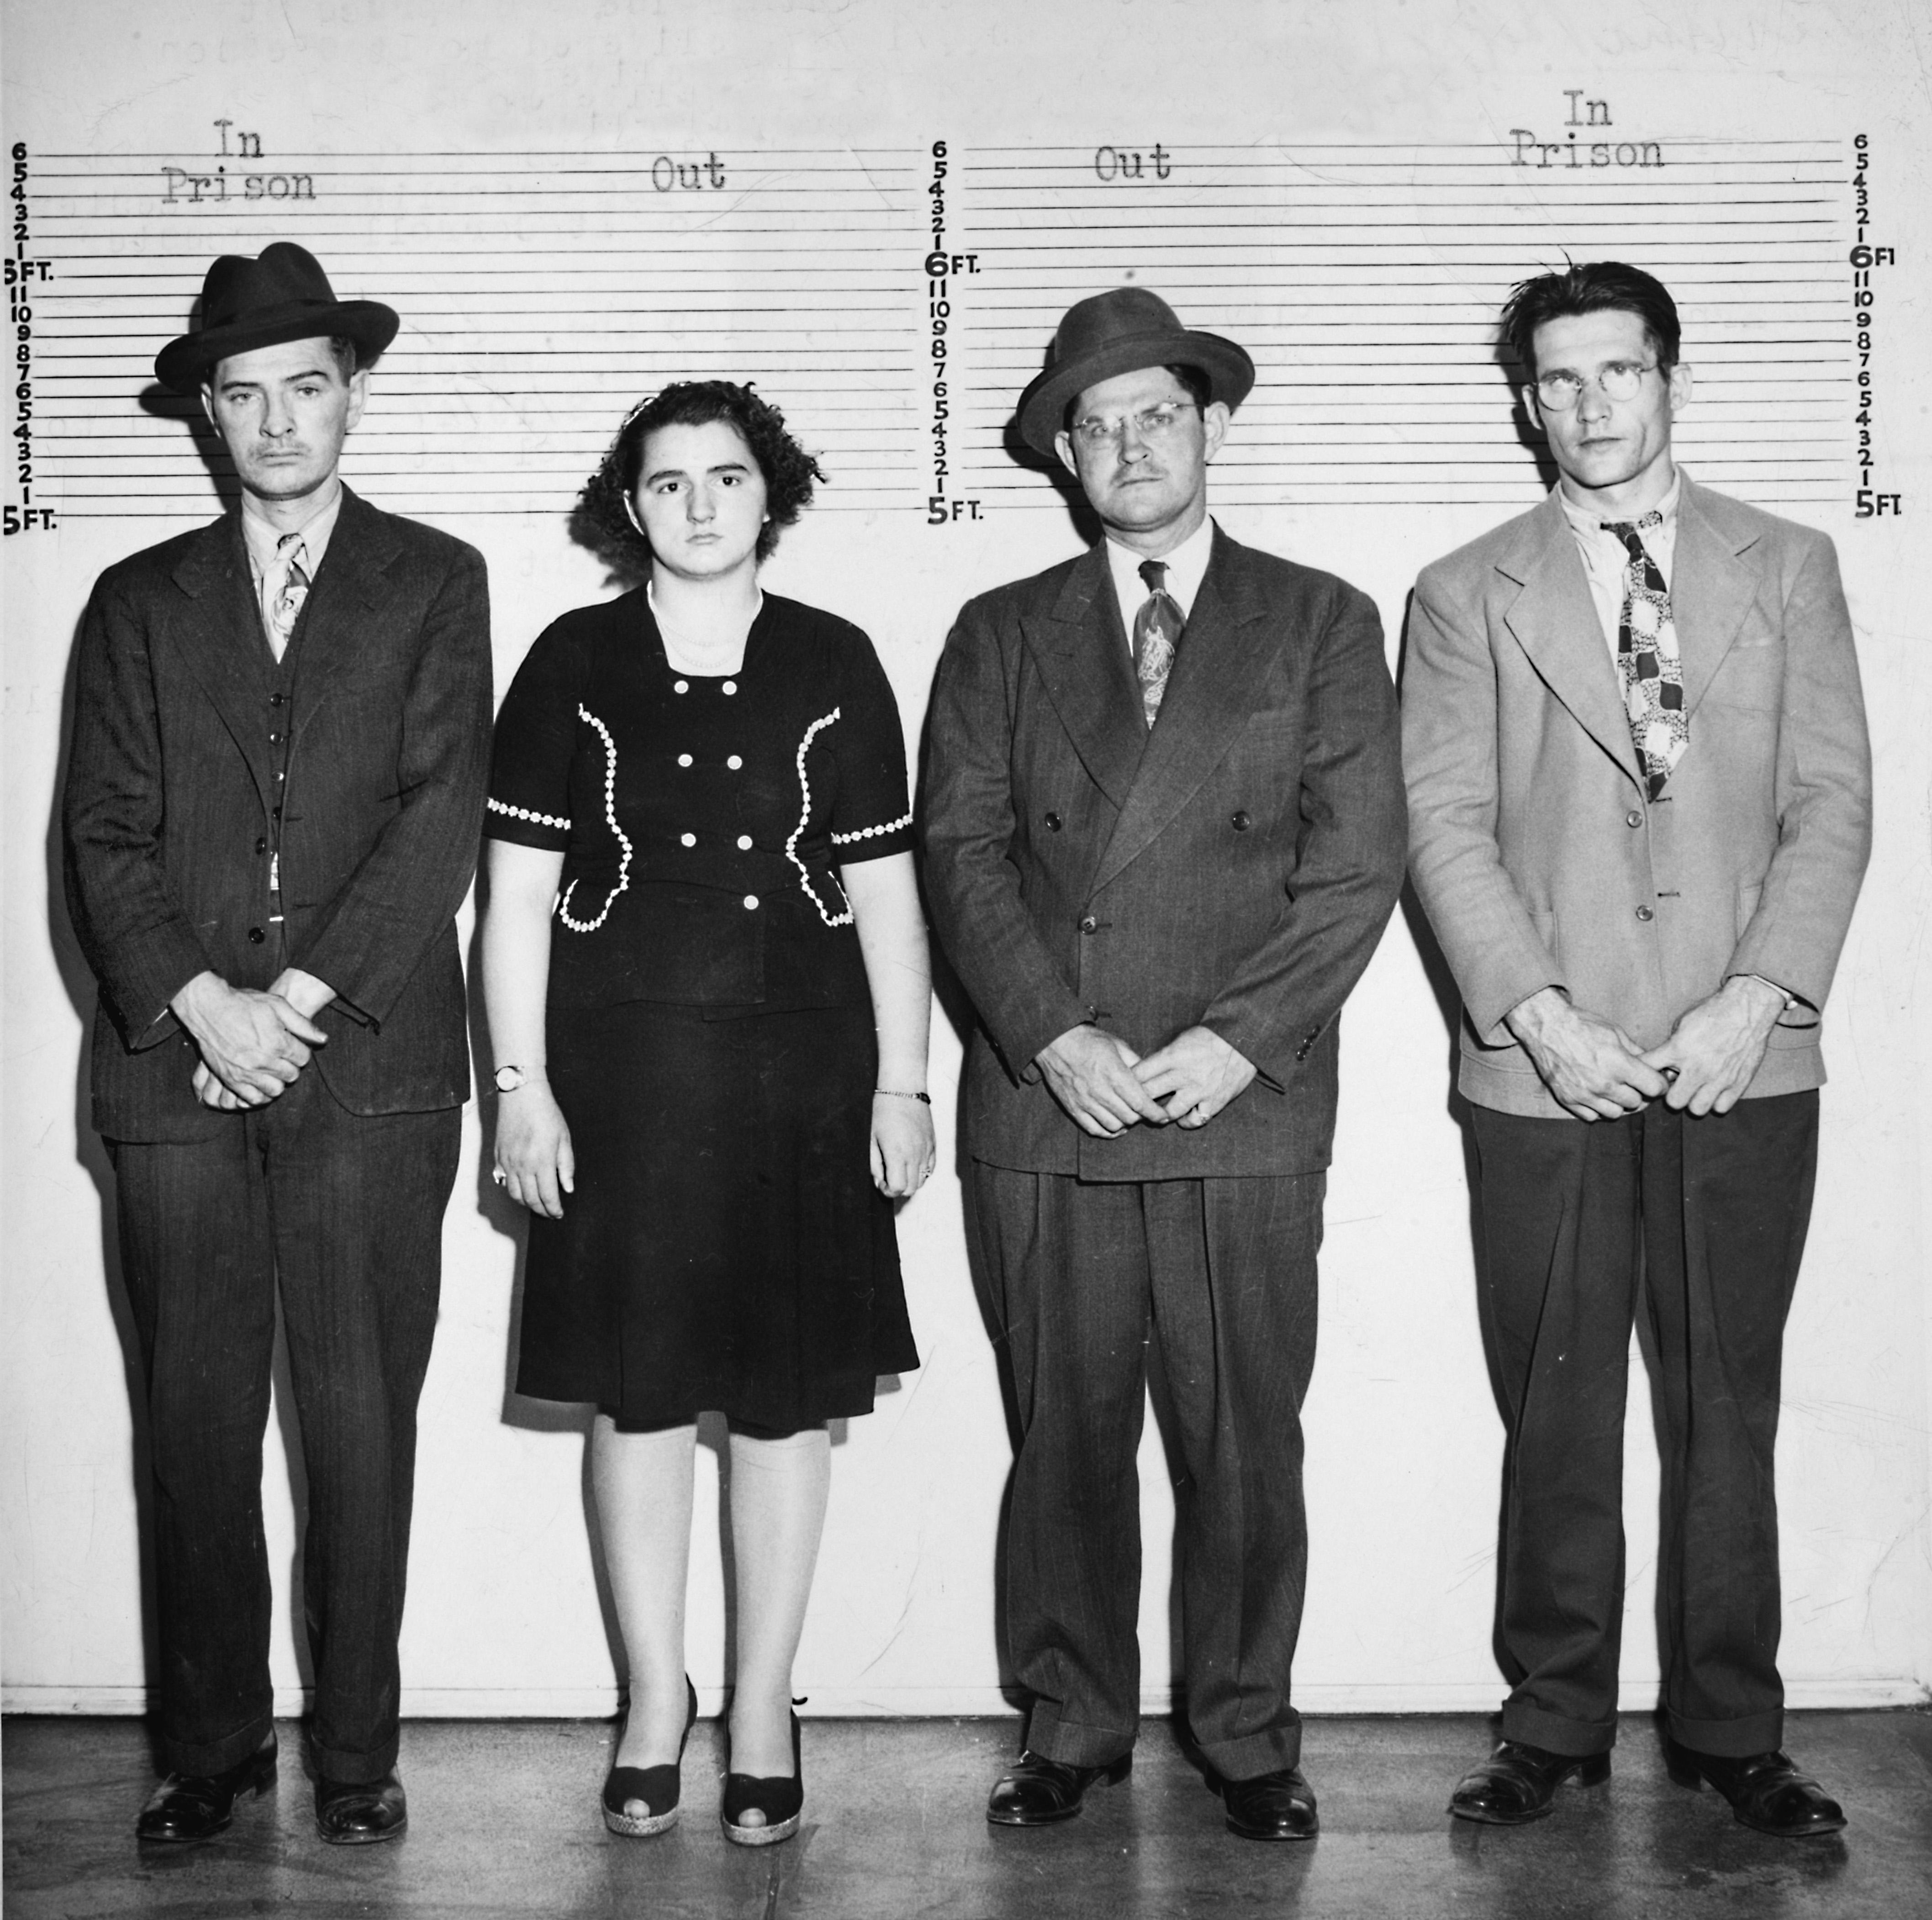 A line up of four criminals, ca. 1945